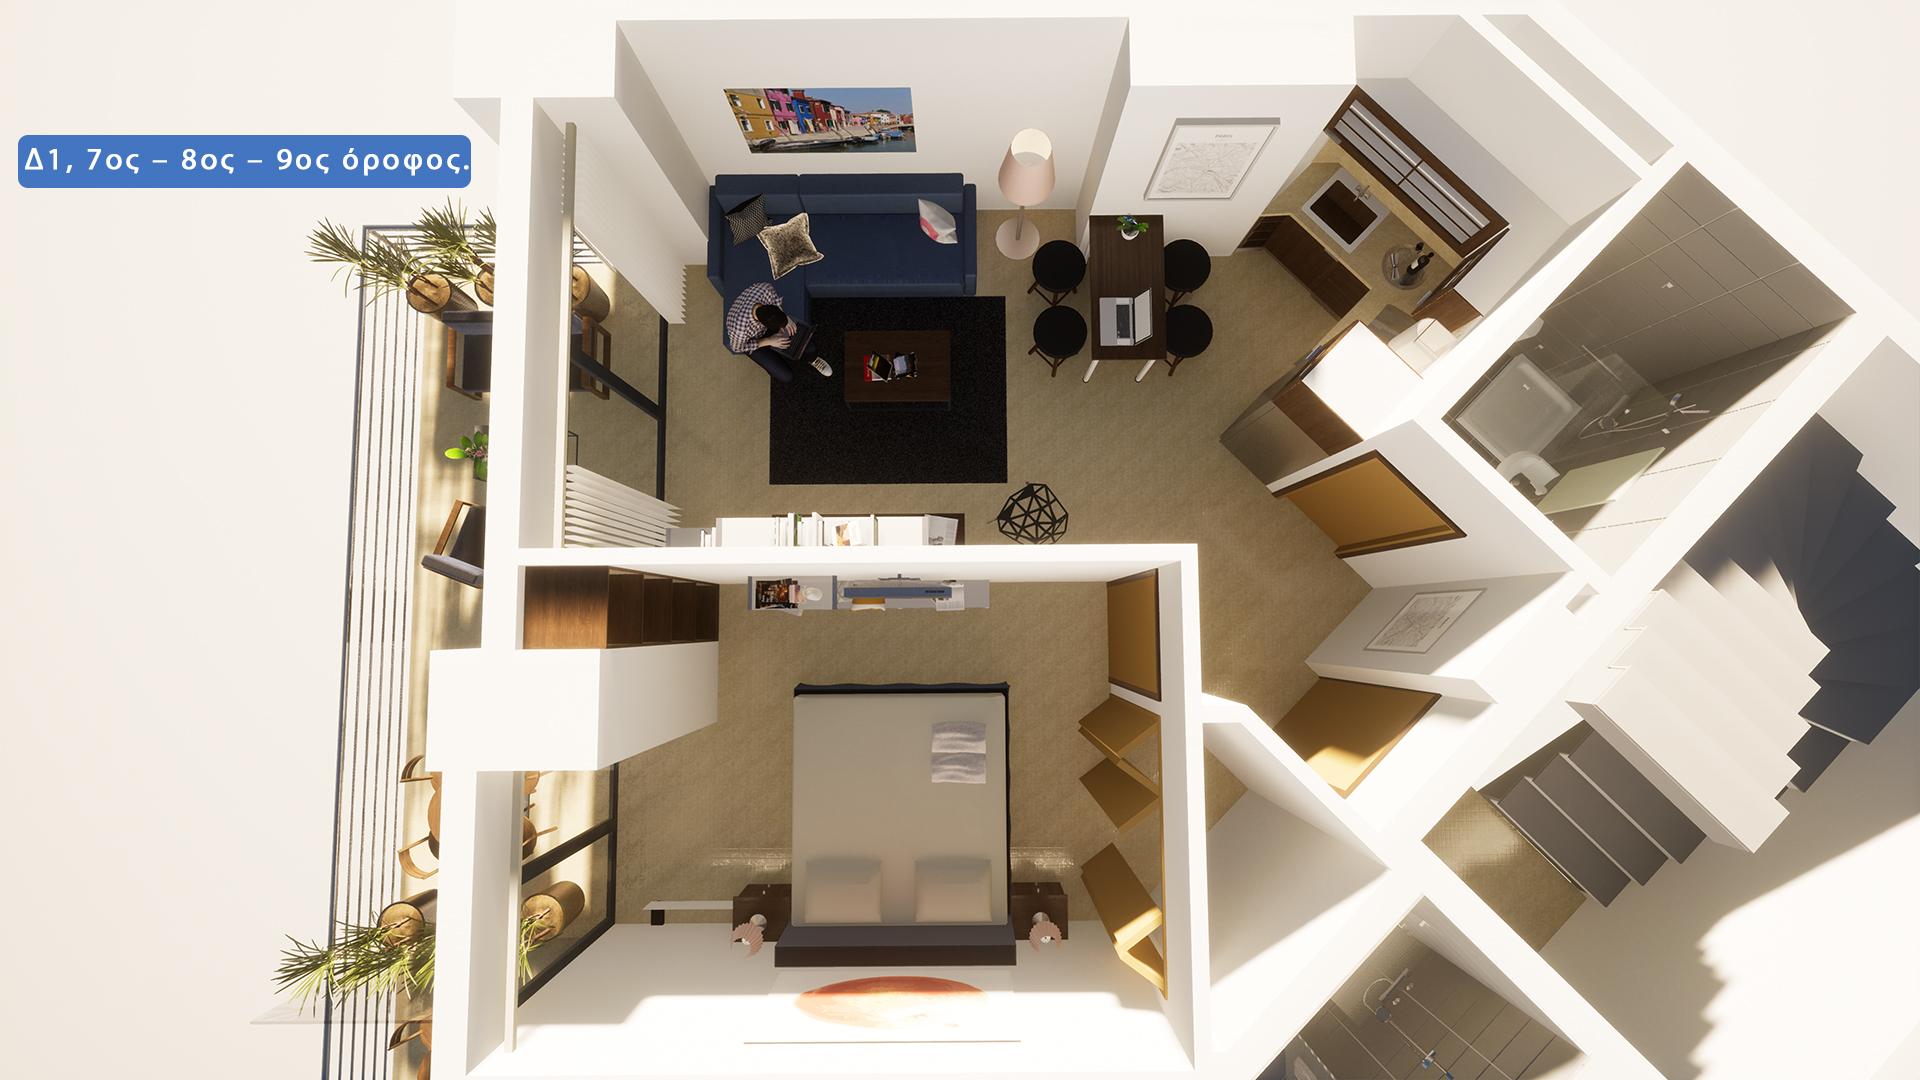 Δ1, (7ος - 8ος - 9ος) όροφος